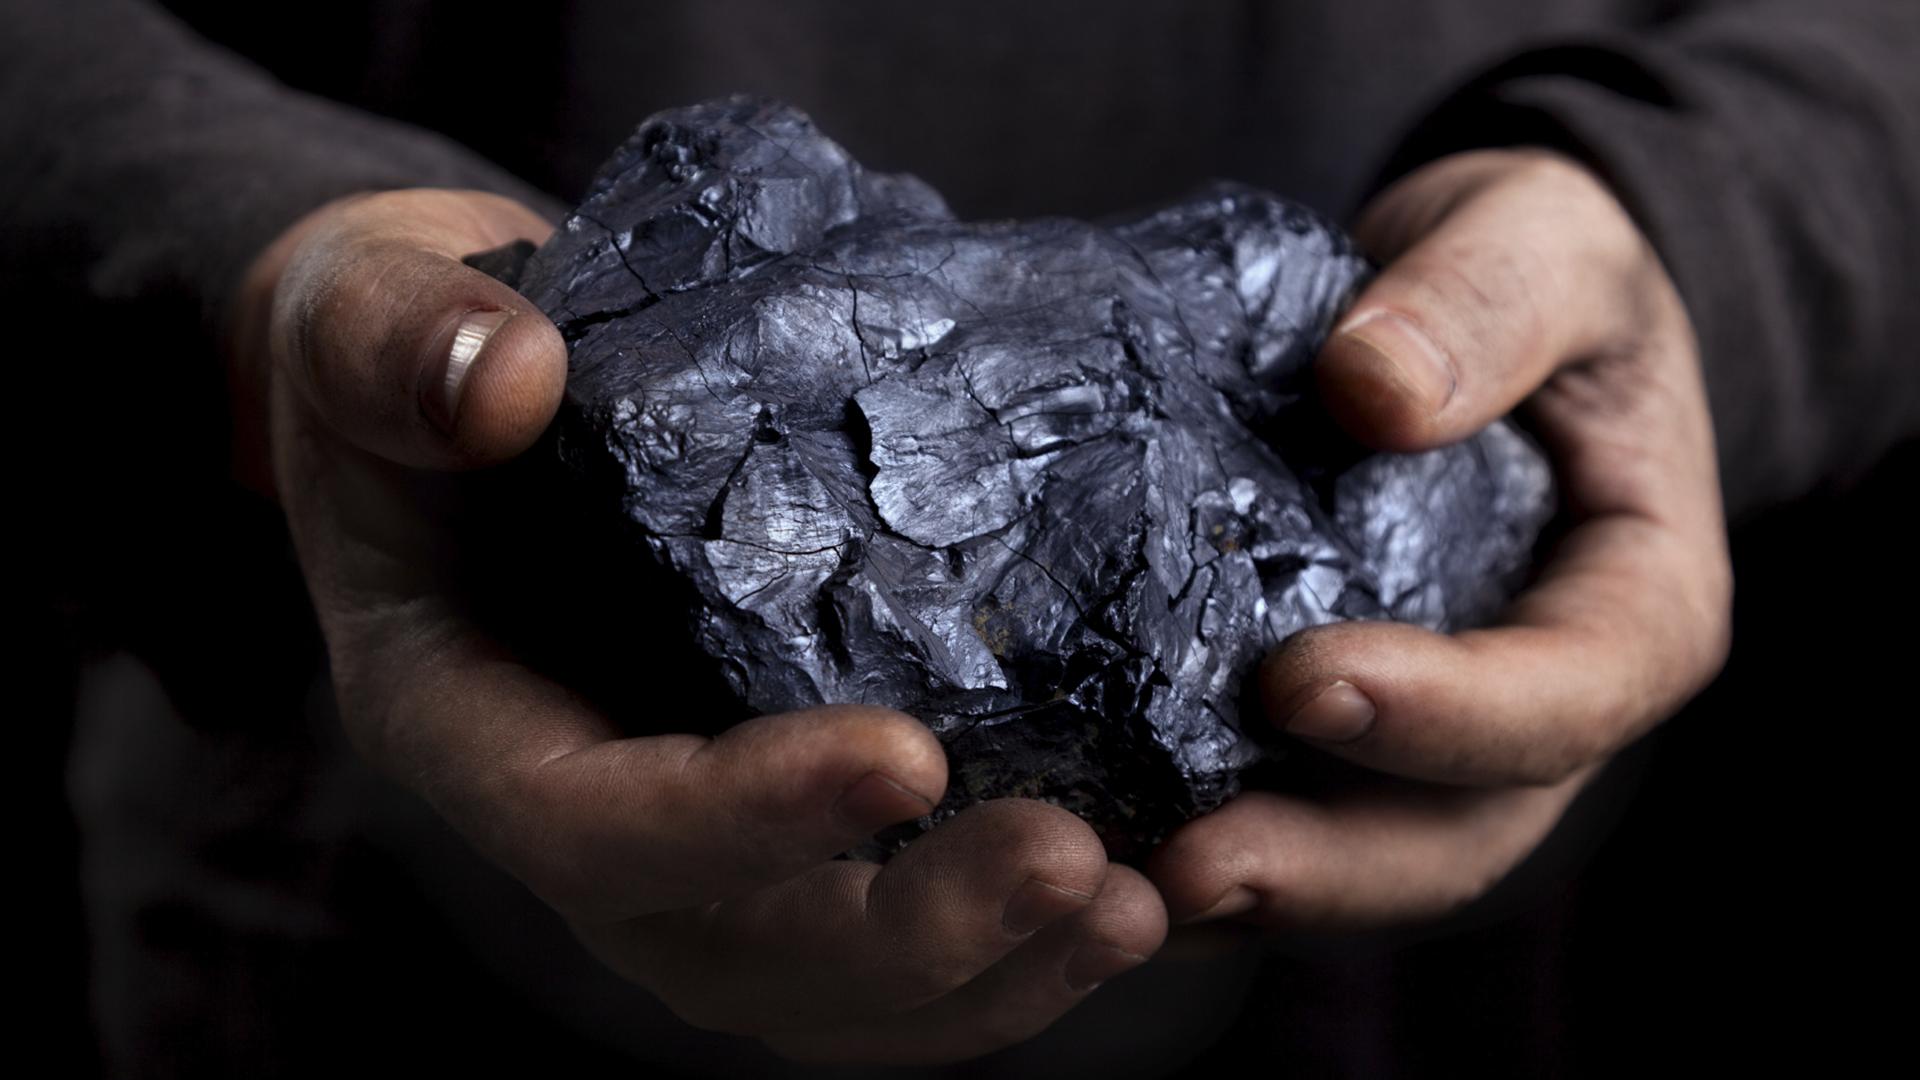 ЗЭС-хүү ба нүүрсний ирээдүй